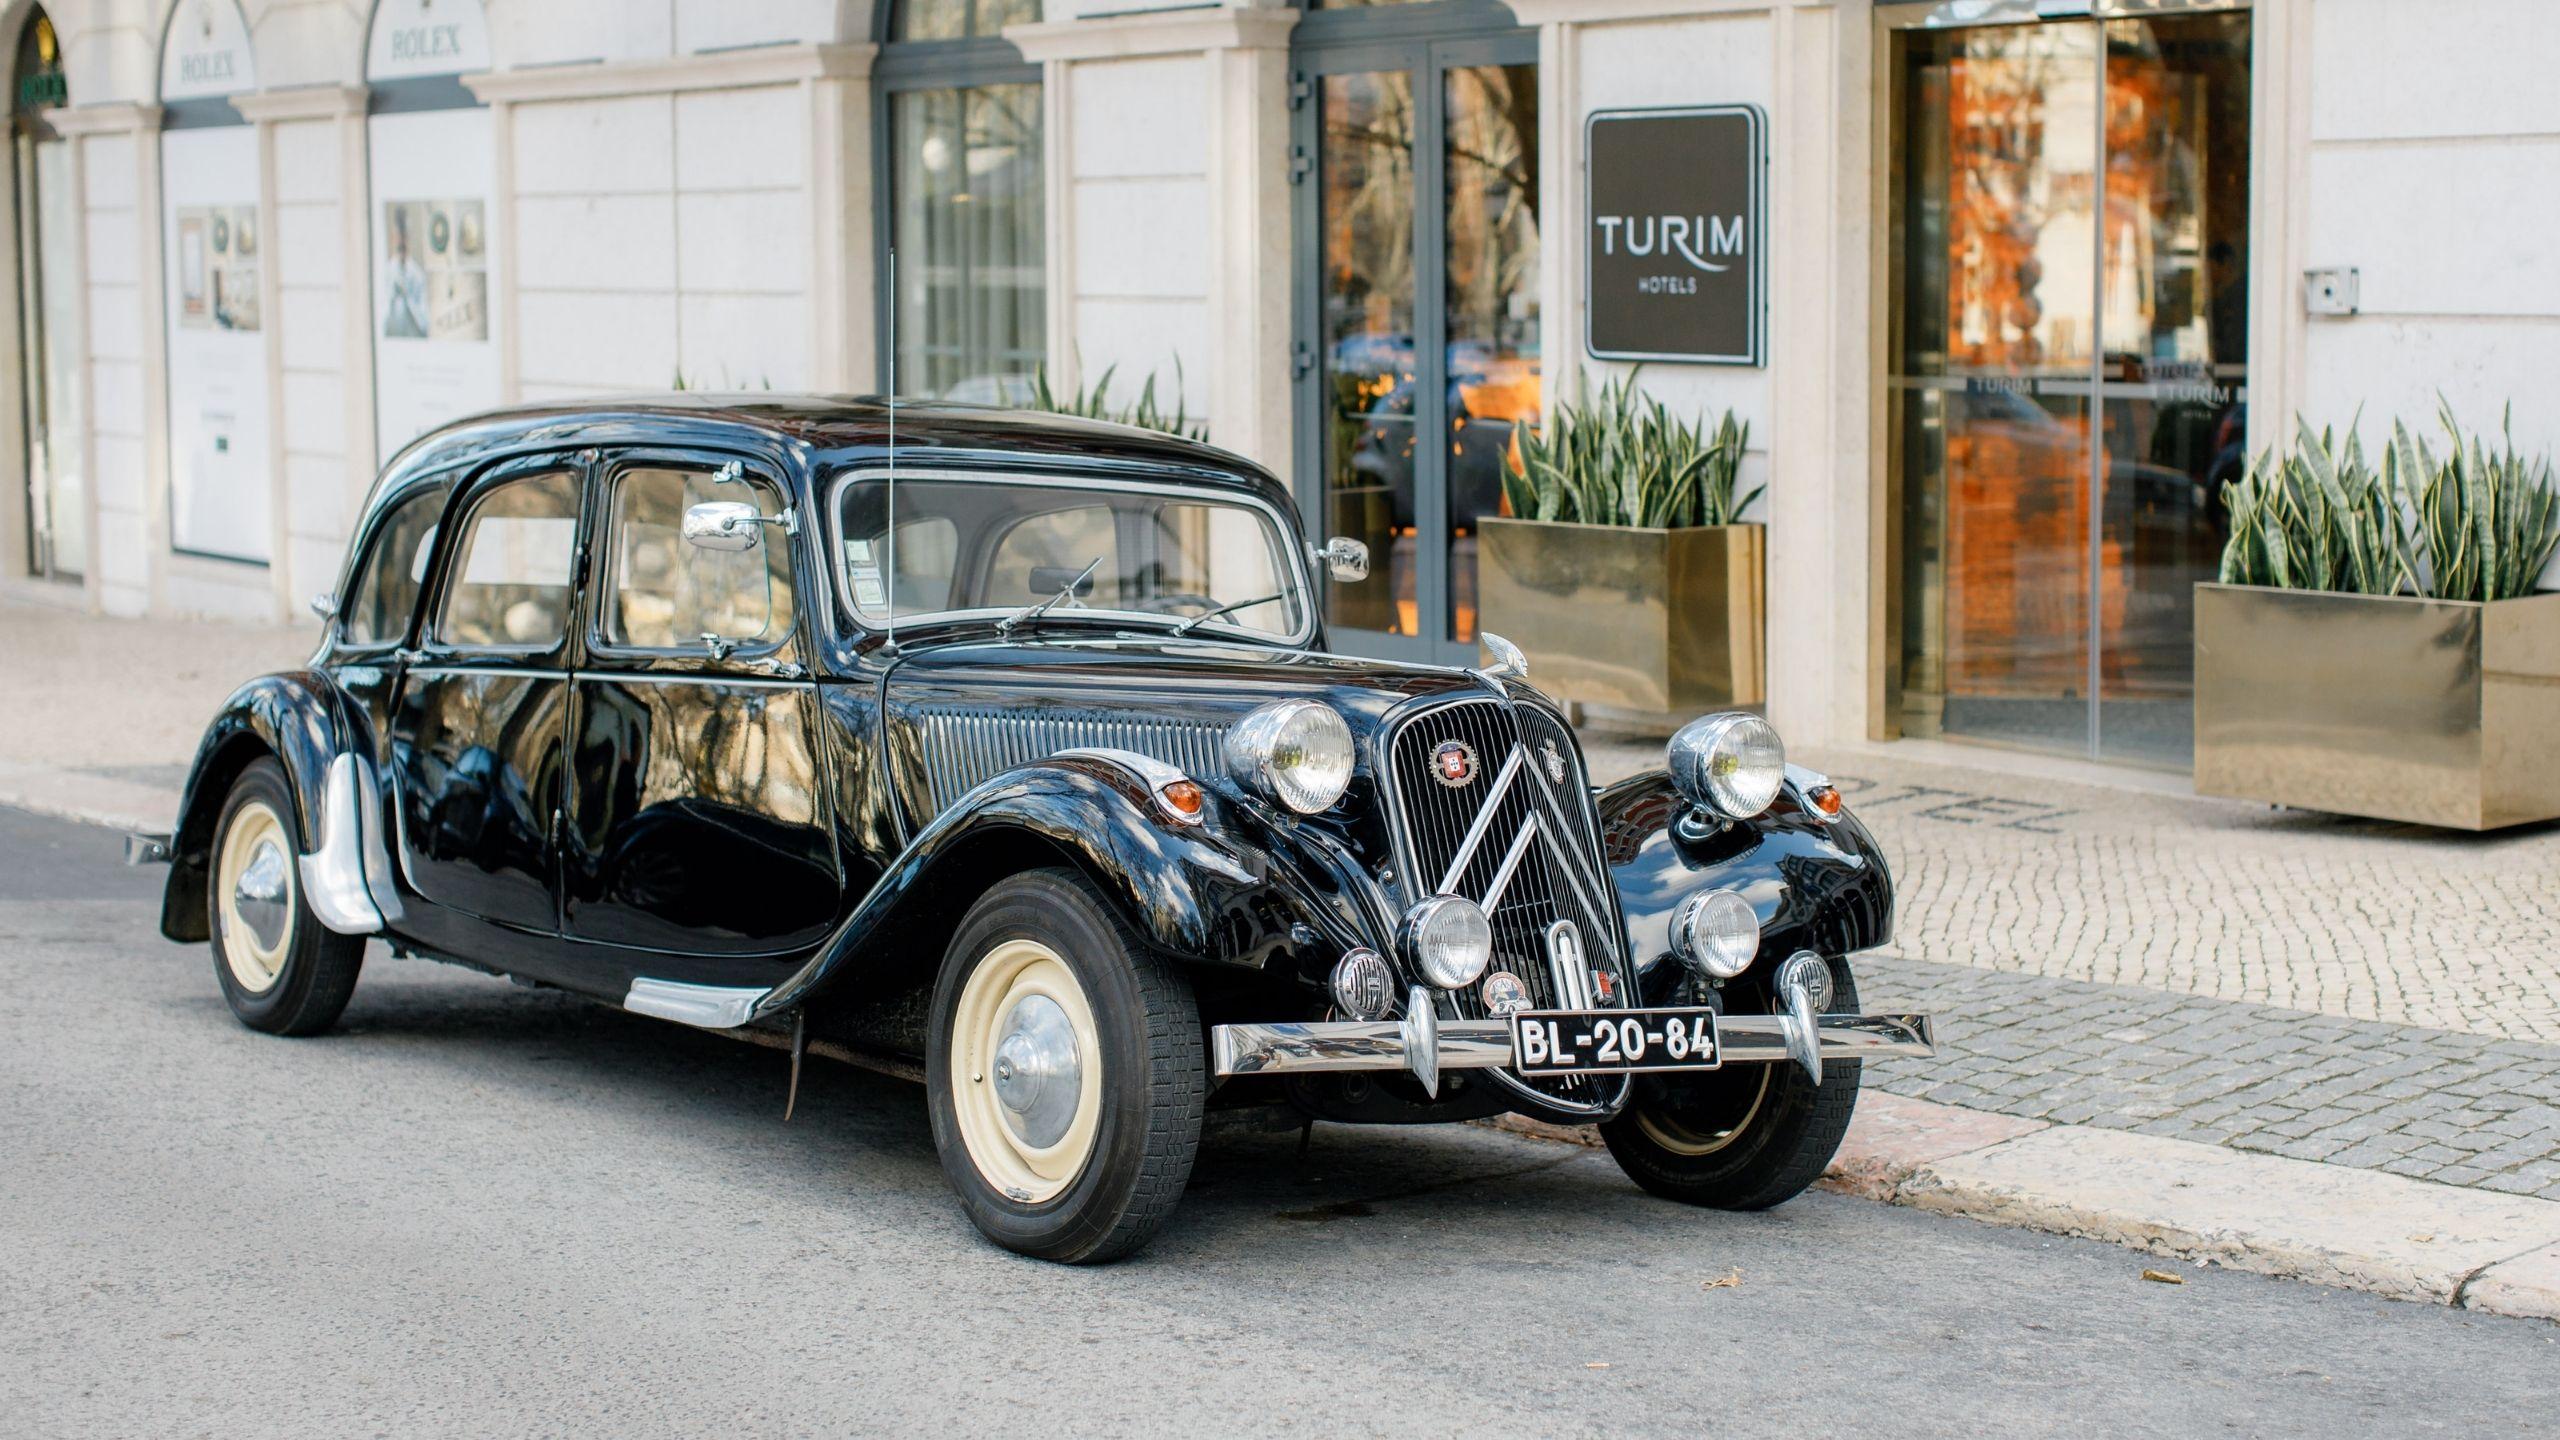 Carro antigo à porta do Turim Boulevard